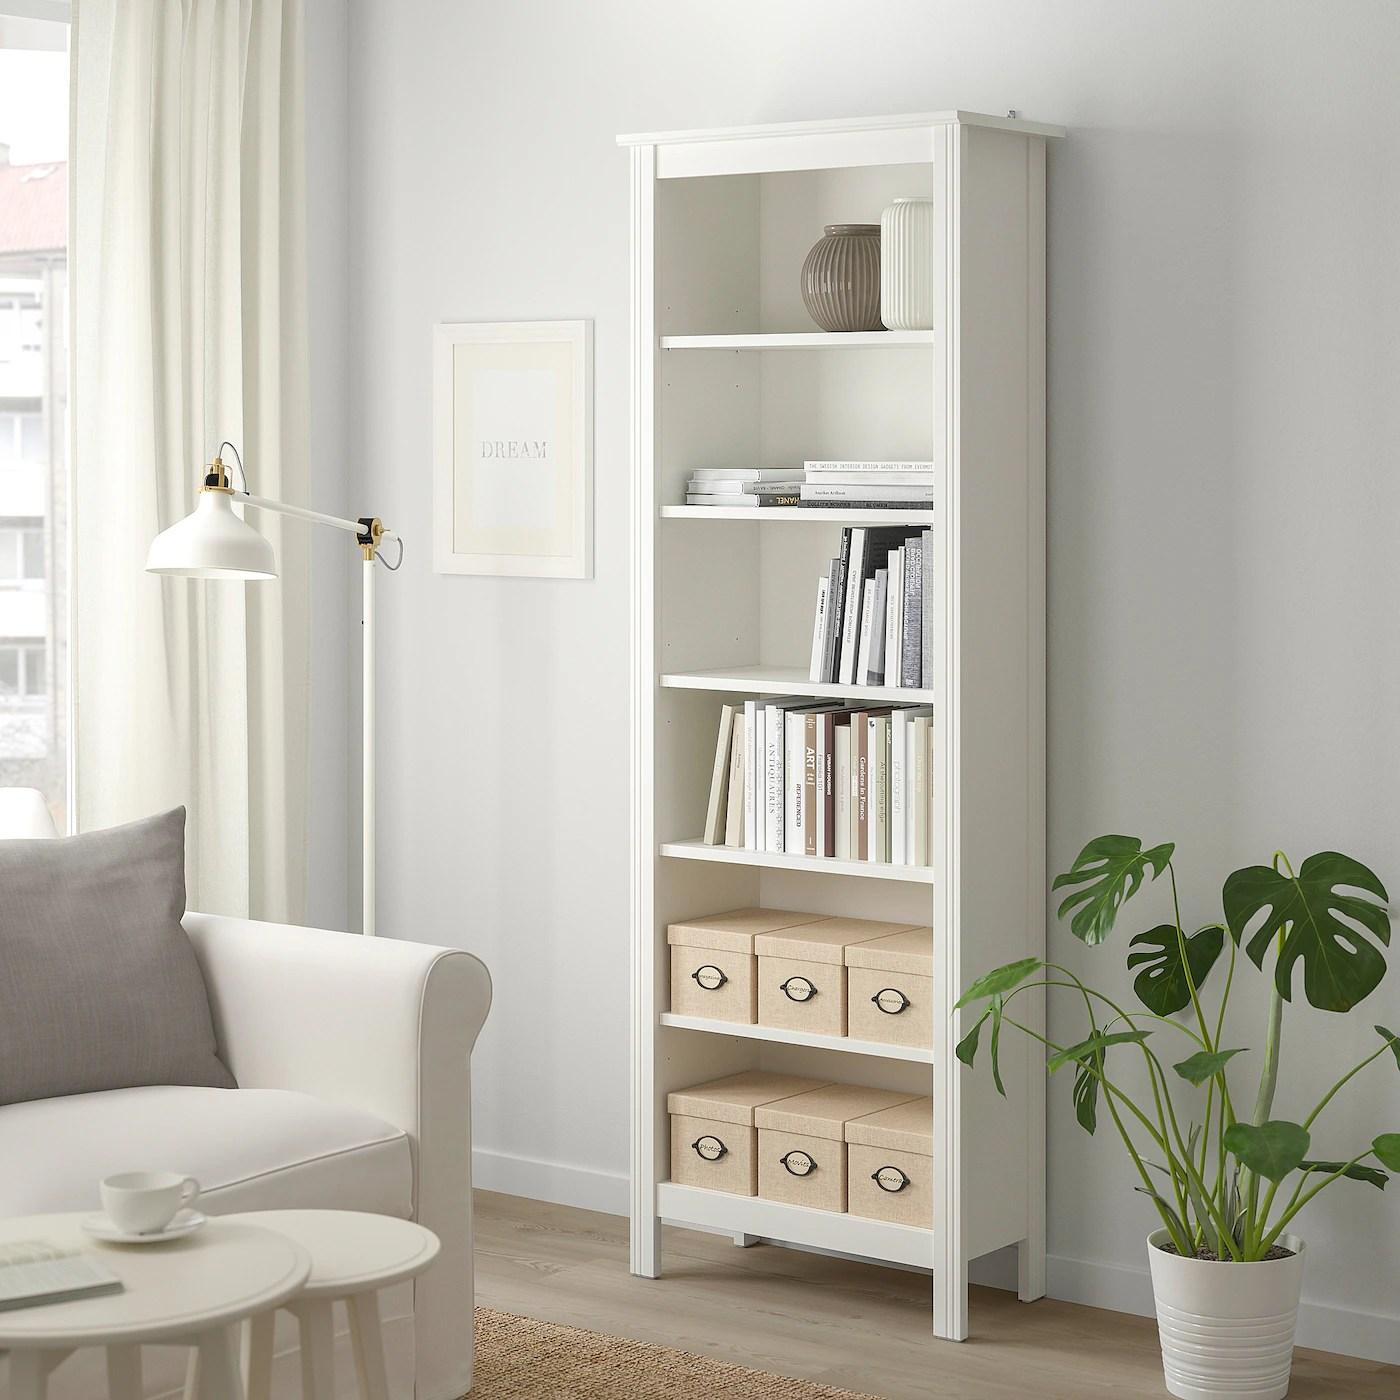 BRUSALI Bücherregal, weiß, 67x190 cm. Jetzt informieren ...